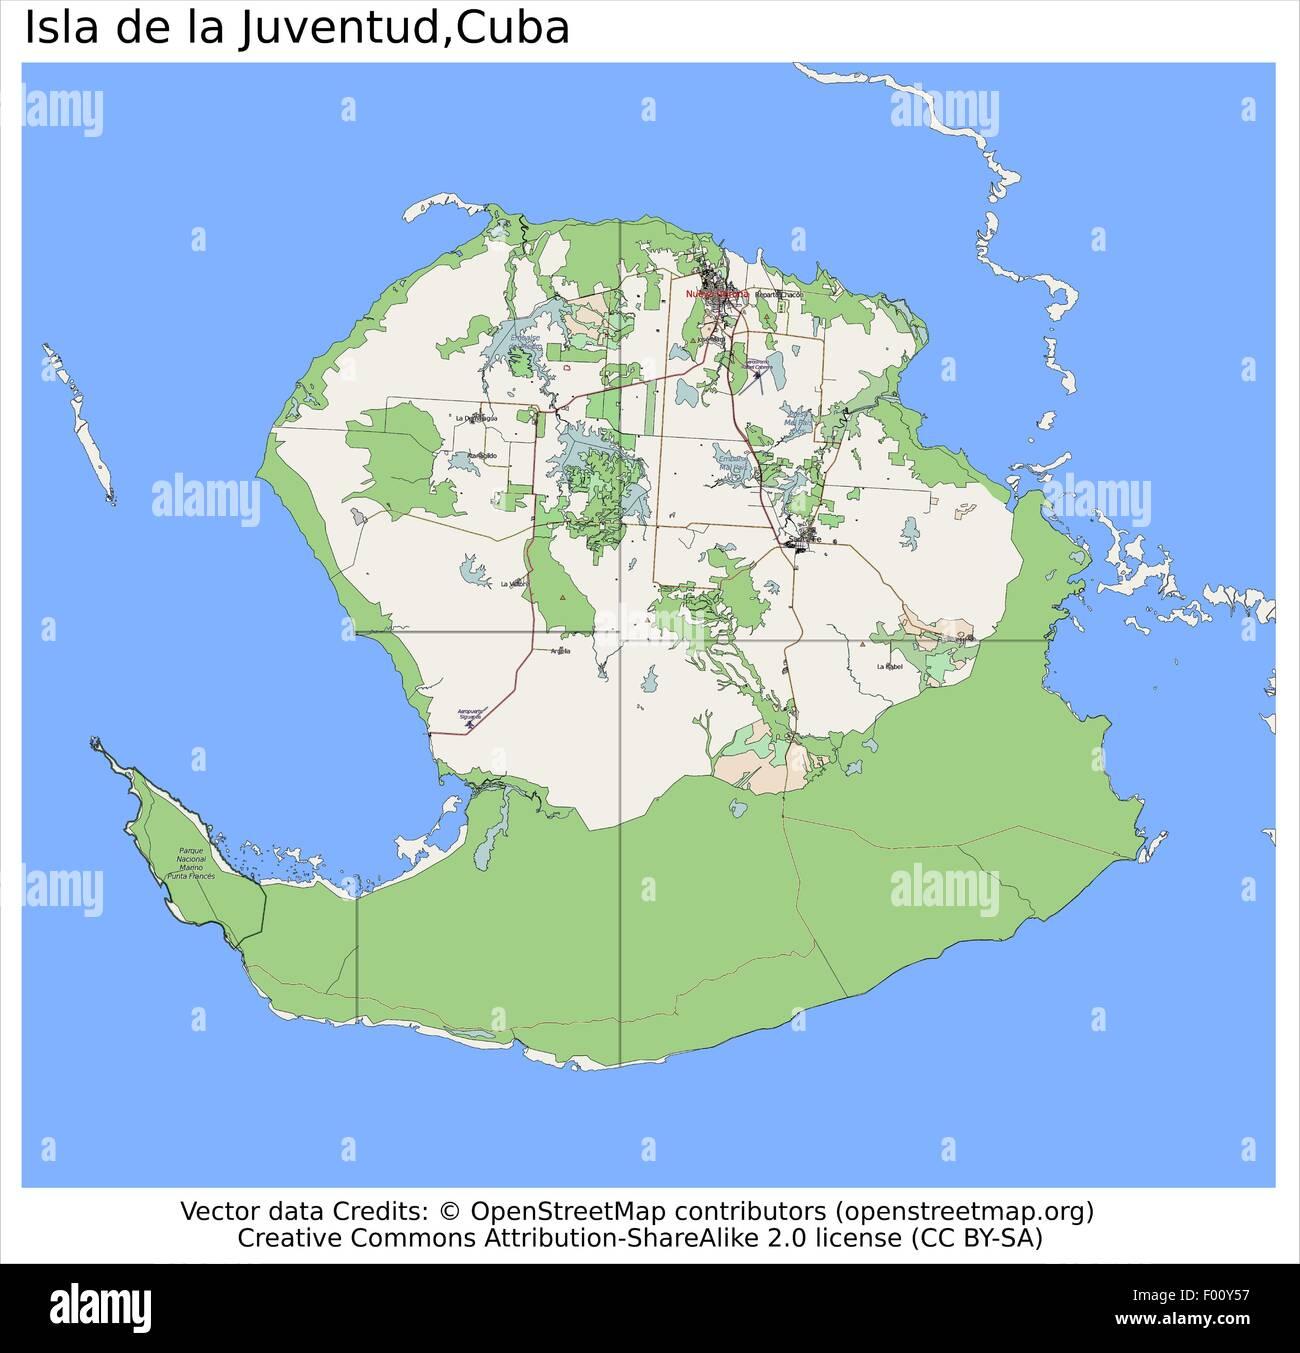 Isla de la juventud cuba country city island state location map isla de la juventud cuba country city island state location map gumiabroncs Choice Image